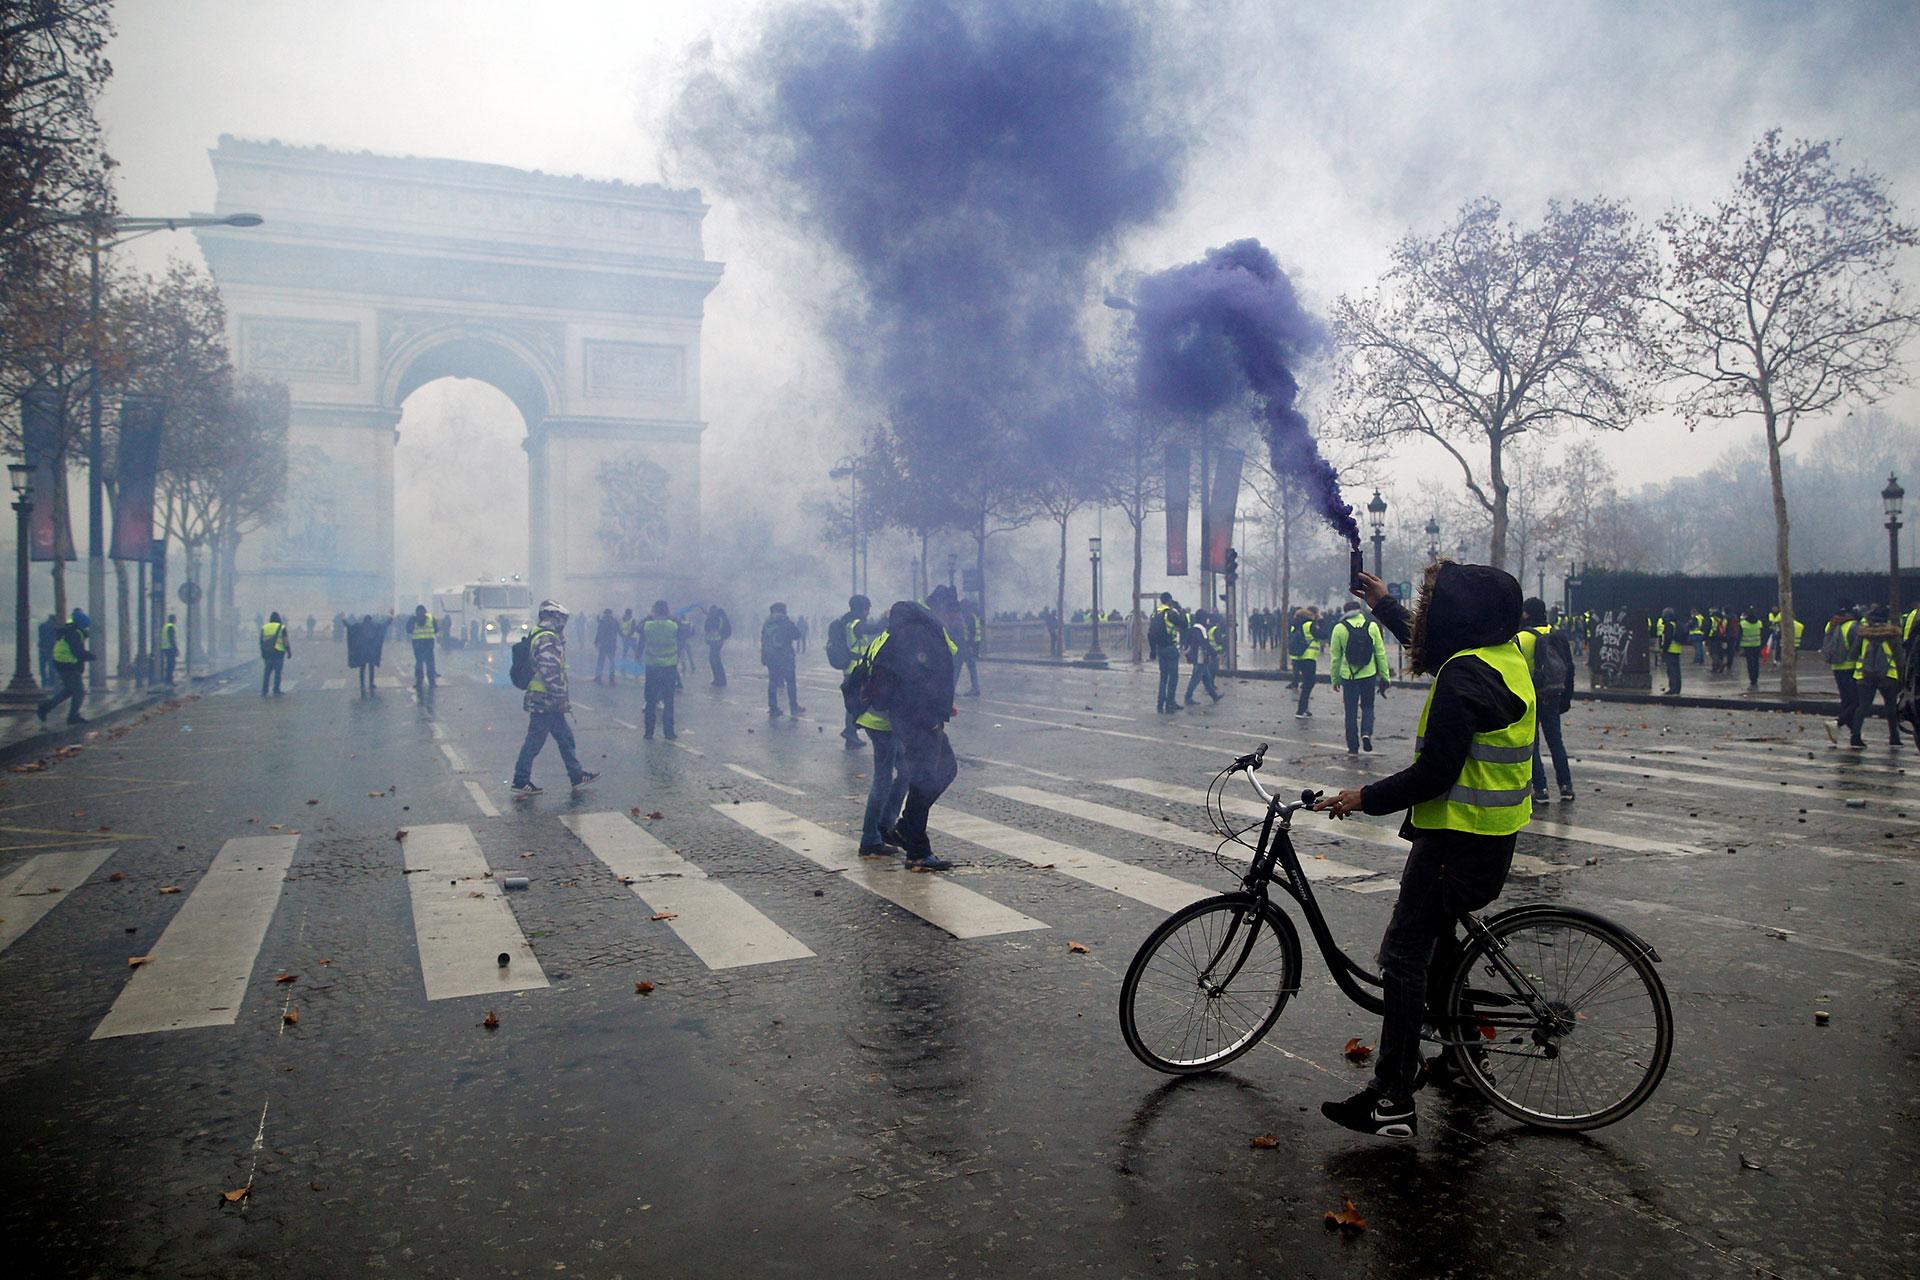 """La protesta de los """"chalecos amarillos"""" deja enormes daños en el centro de París y centenares de heridos y detenidos el 1 de diciembre"""